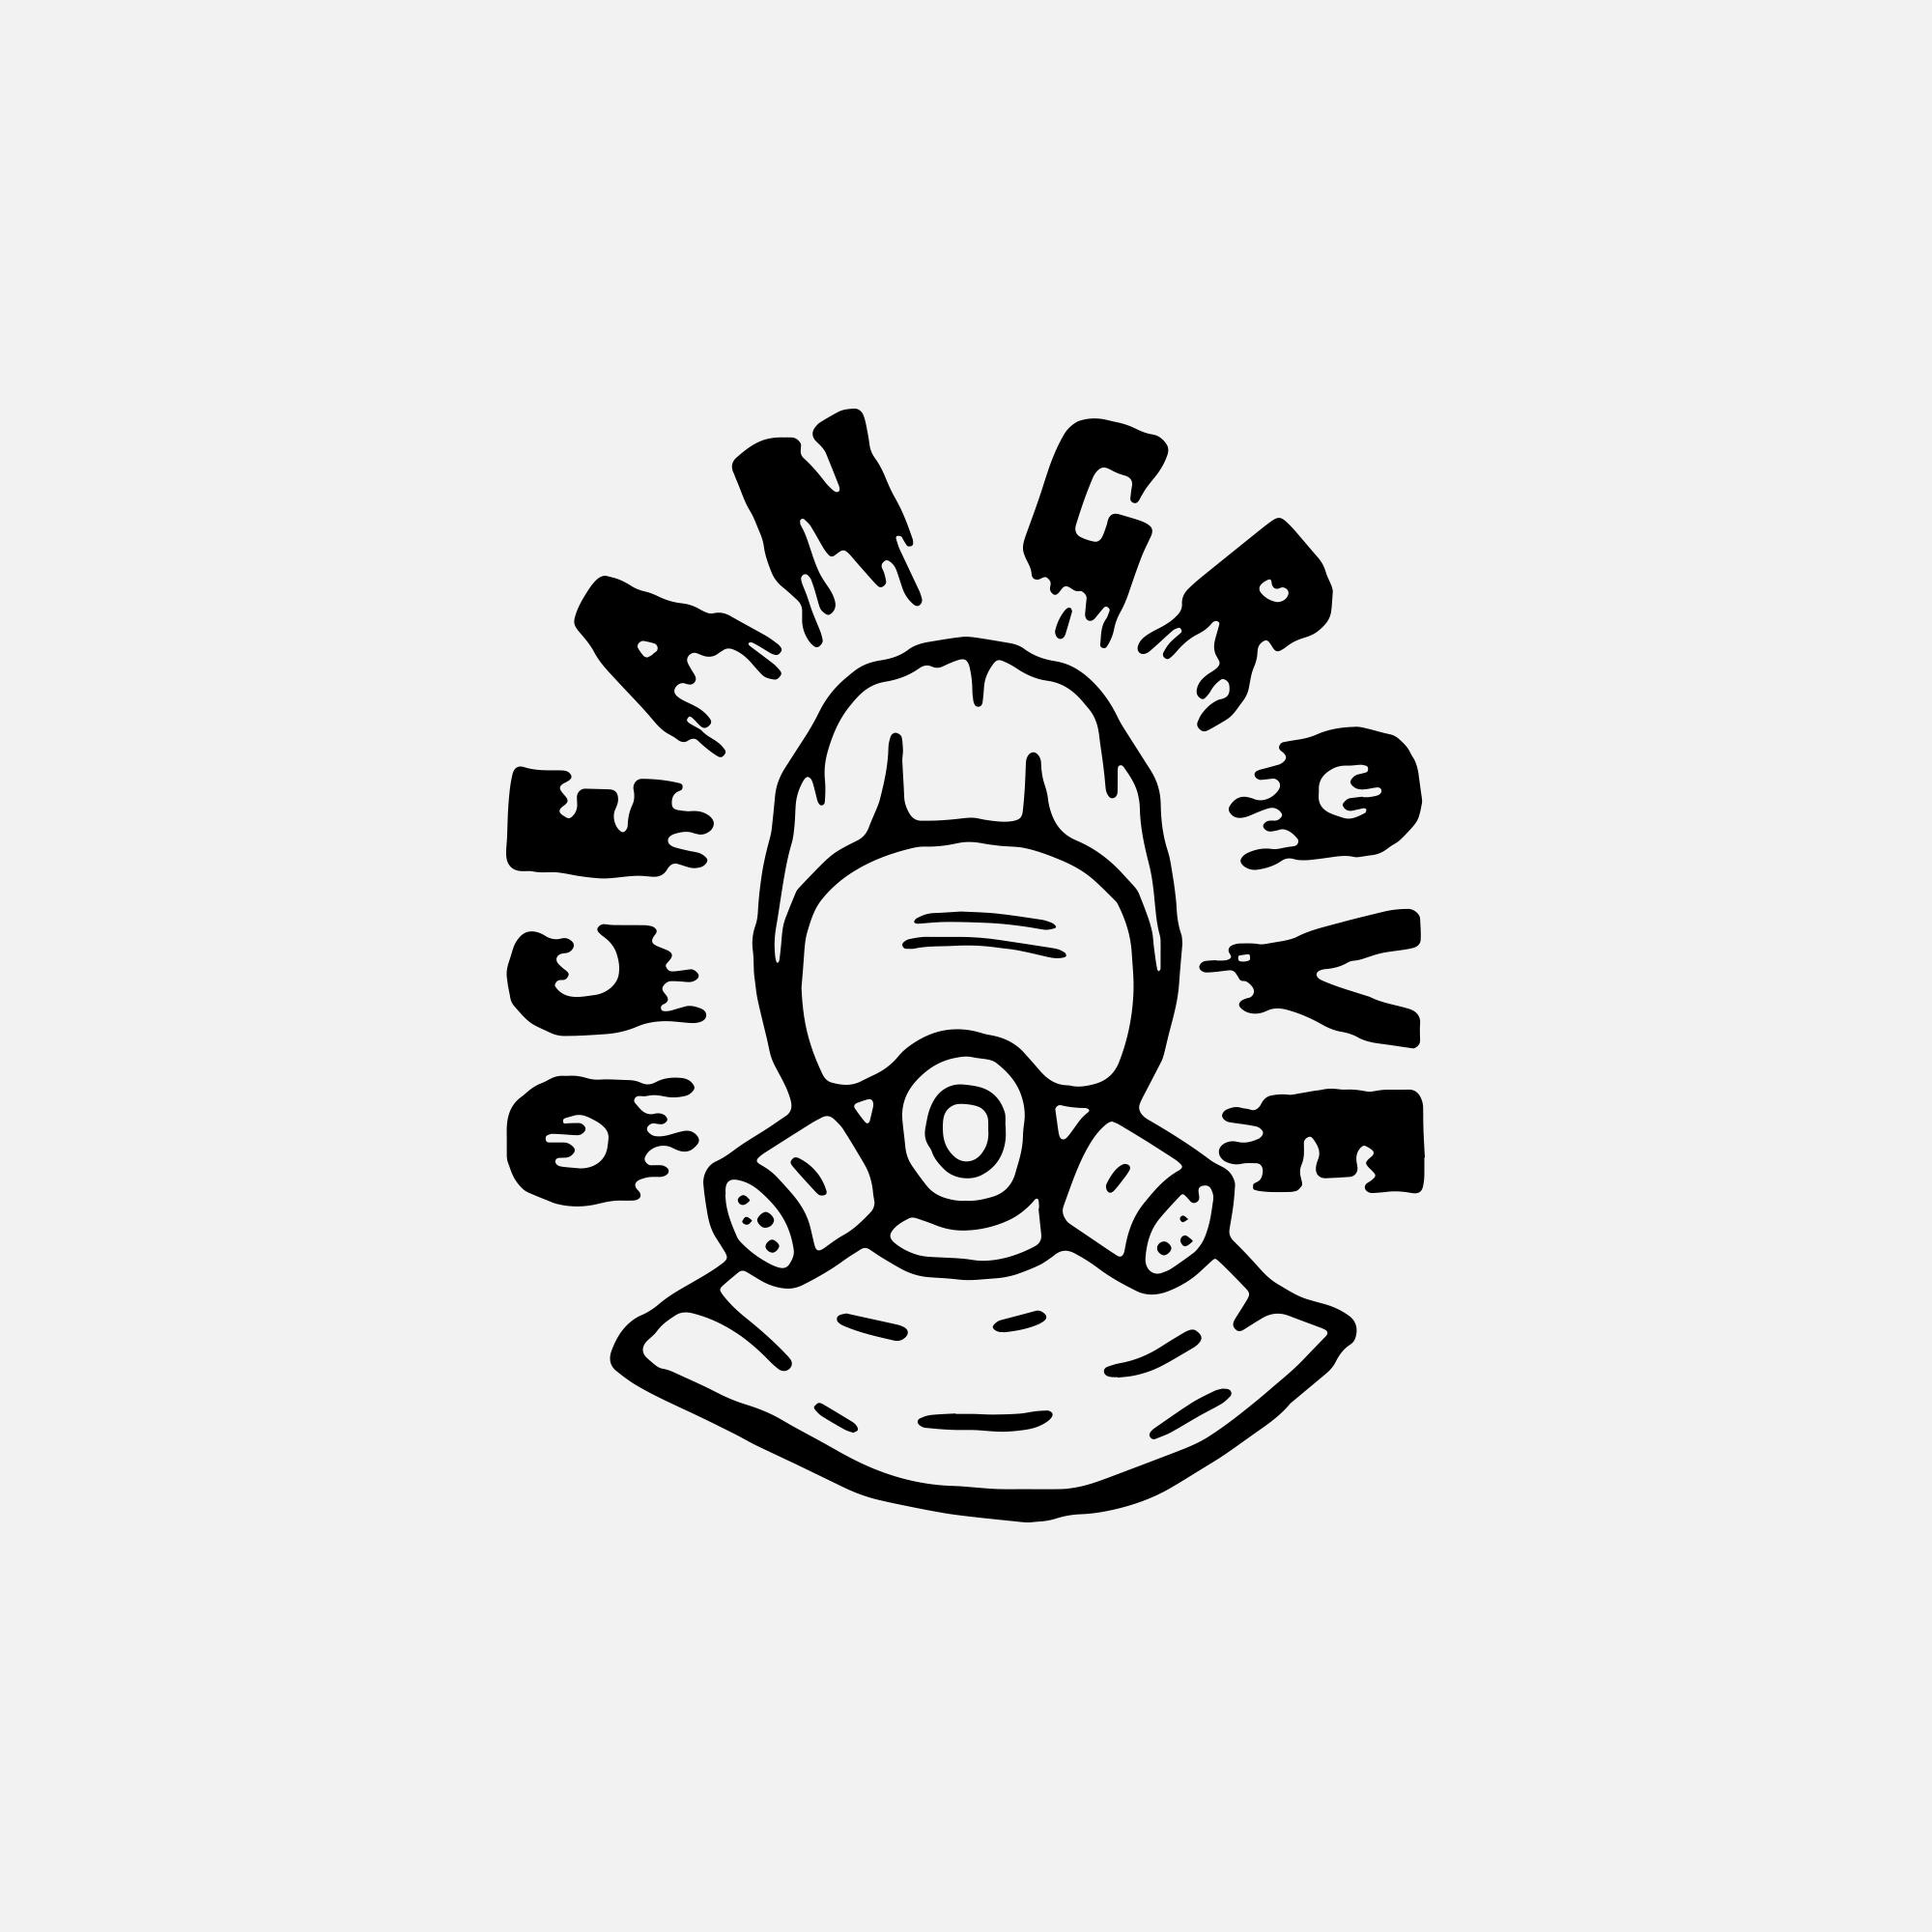 slime-gasmask.png